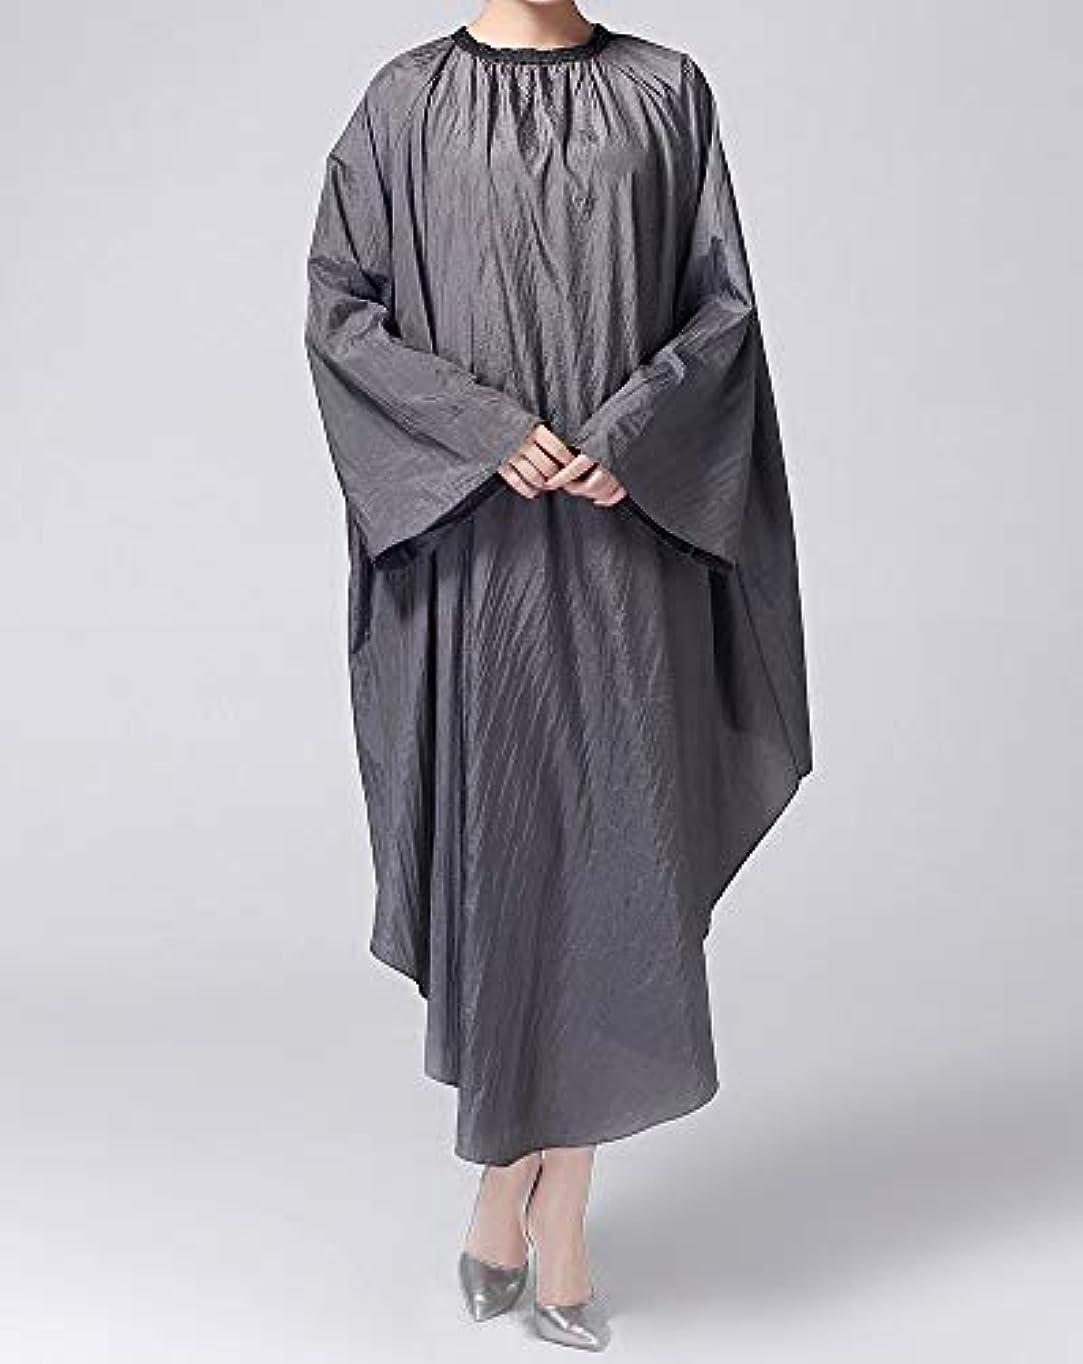 HIZLJJ ヘアカット理髪サロンケーププロフェッショナル防水ナイロン美容院理髪店ケープガウン (Color : Gray)